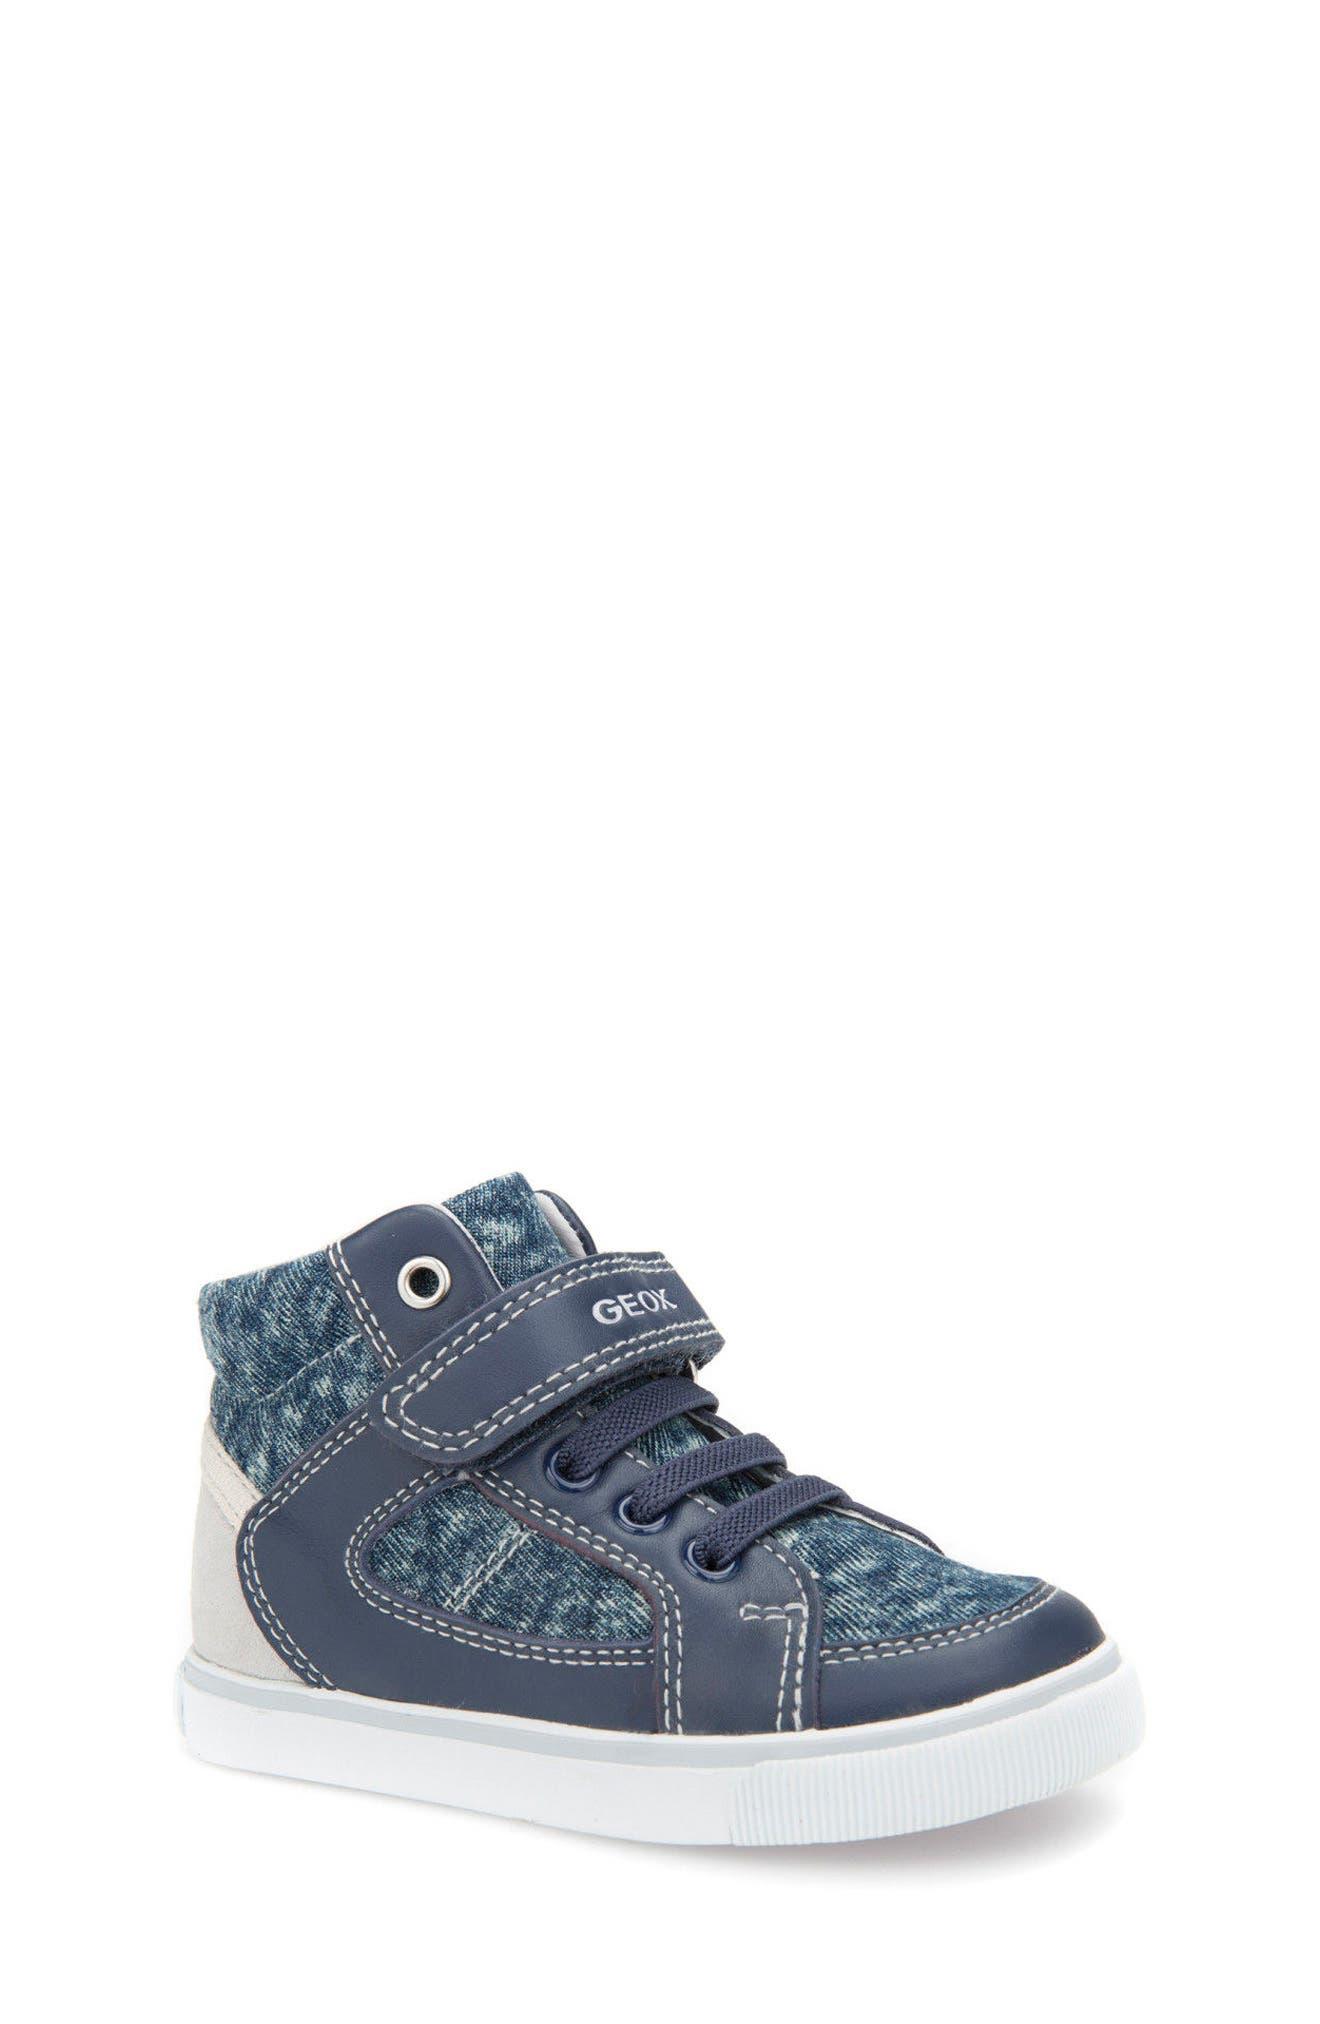 Geox Kiwi Sneaker (Walker & Toddler)